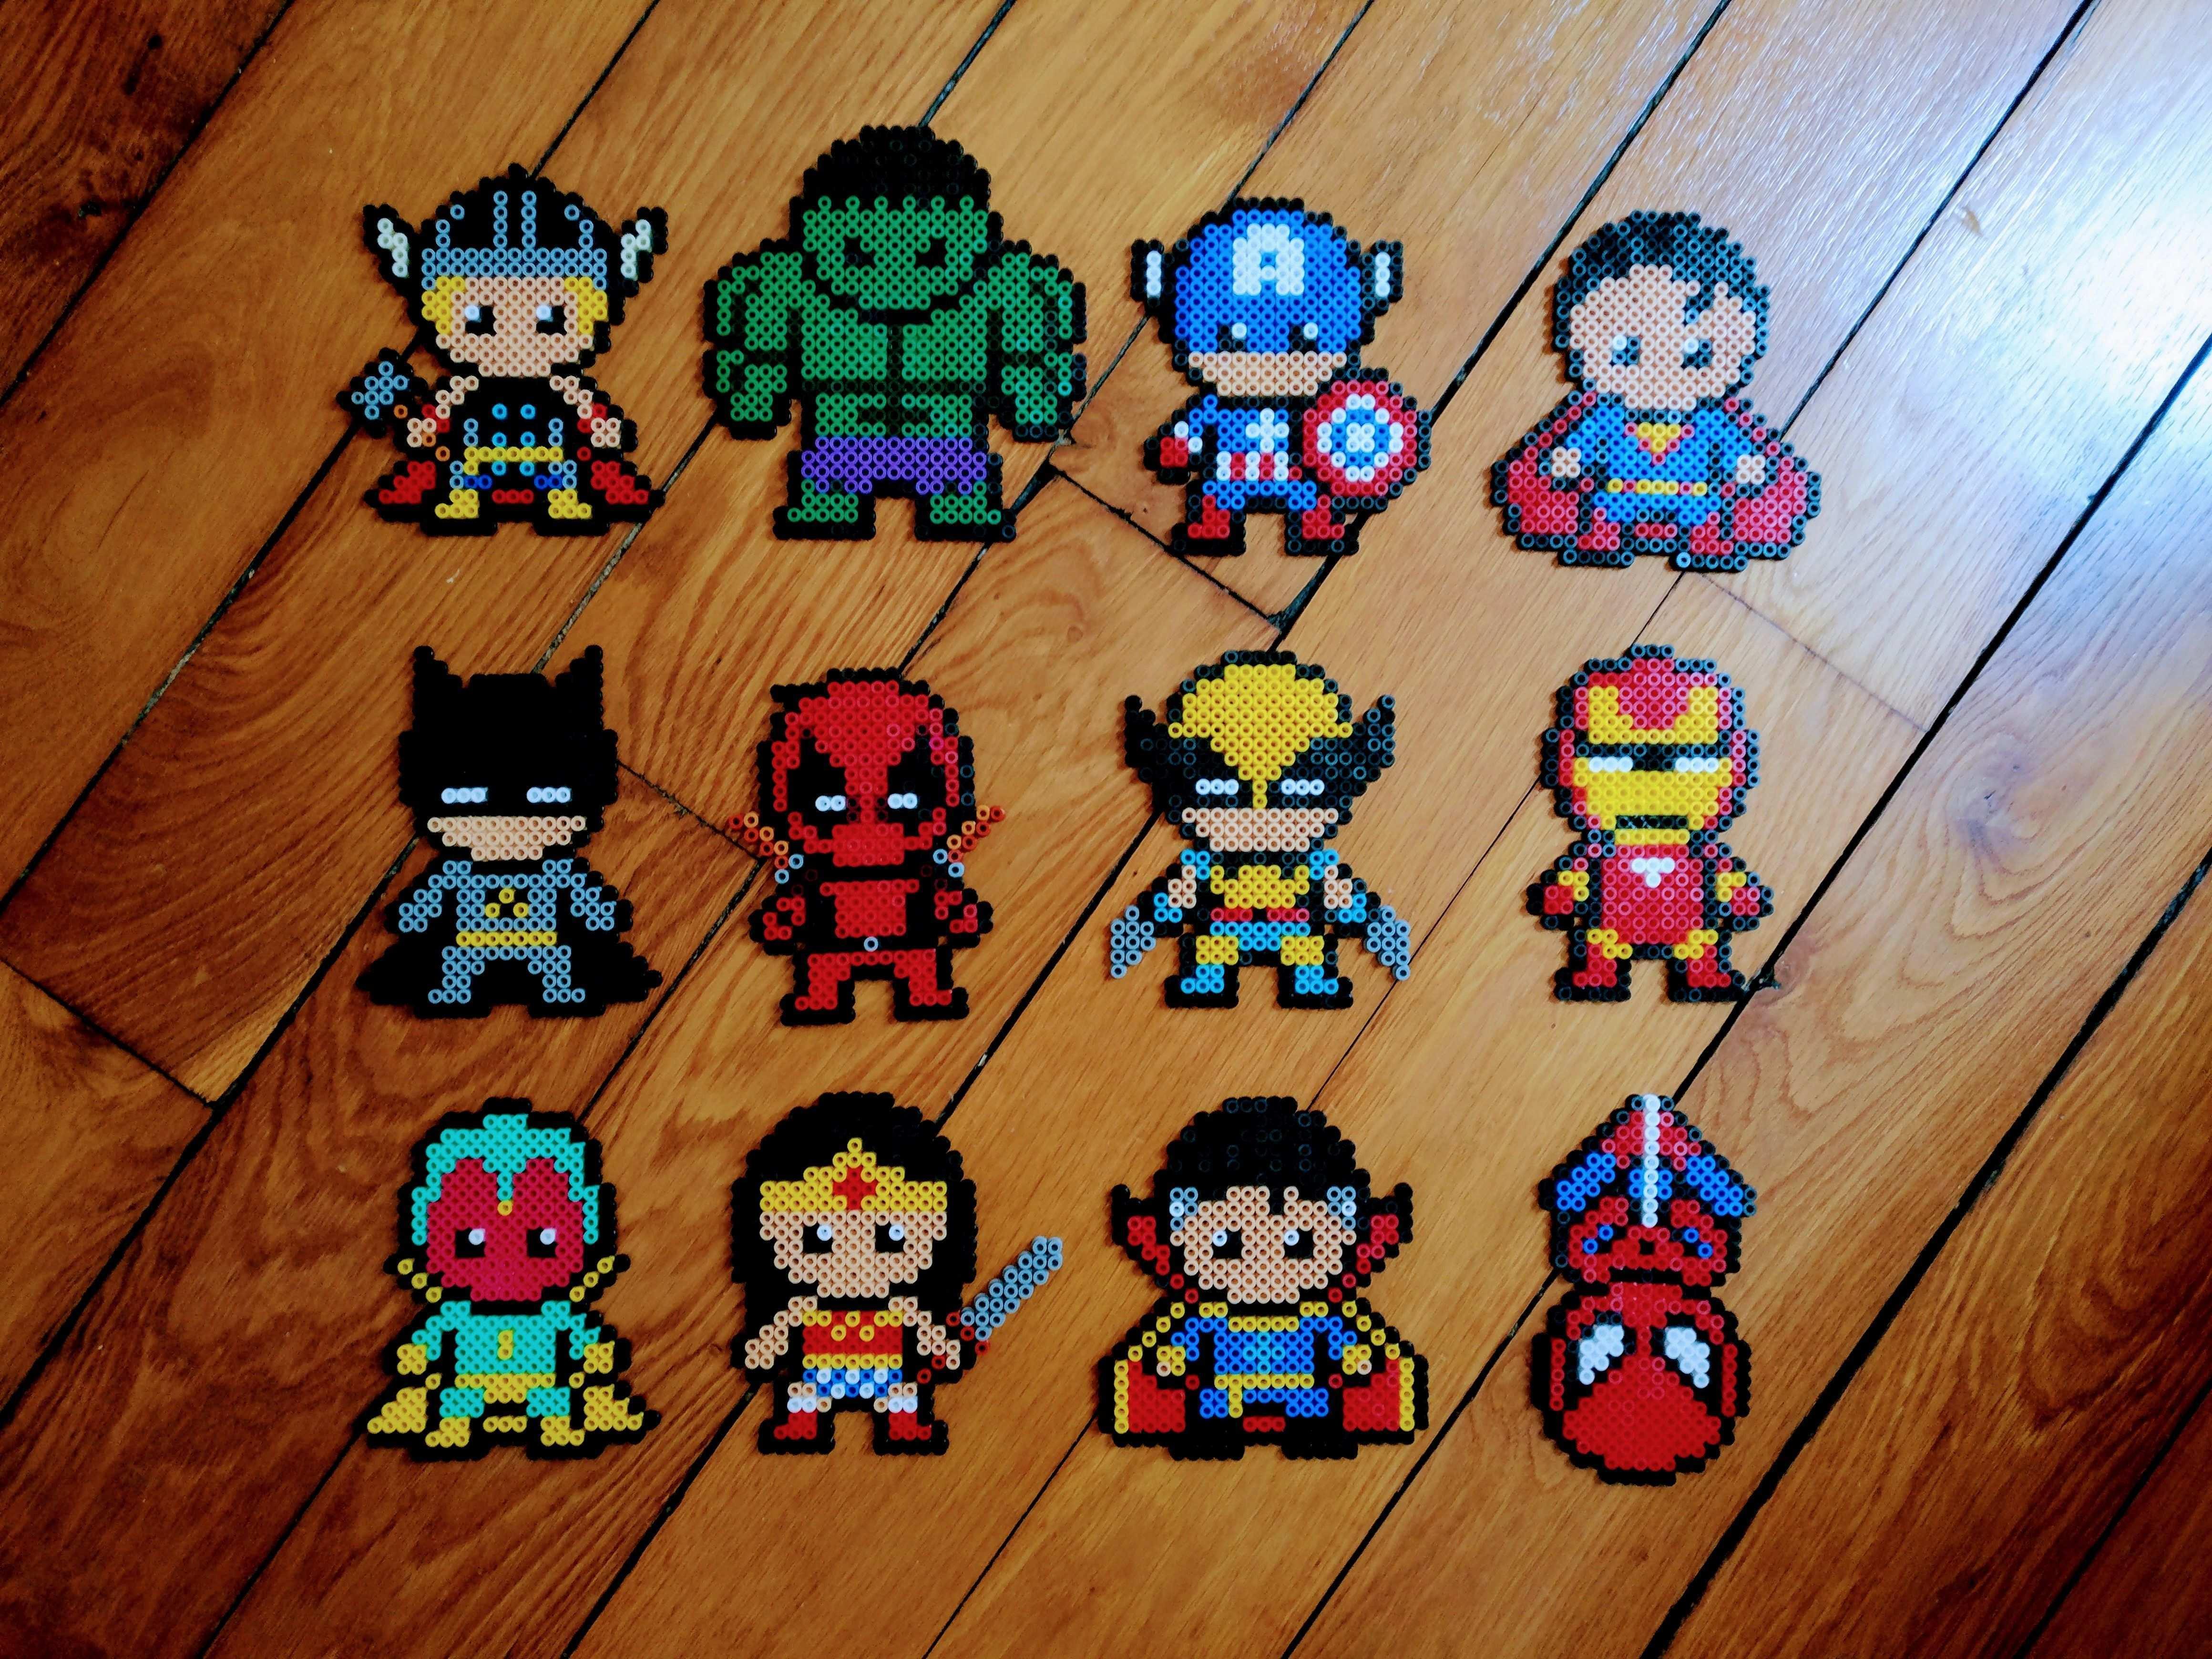 Super Heros En Perles Hama Marvel Dc Cute Ironman Deadpool Batman Perler Bead Disney Hama Beads Patterns Perler Bead Art